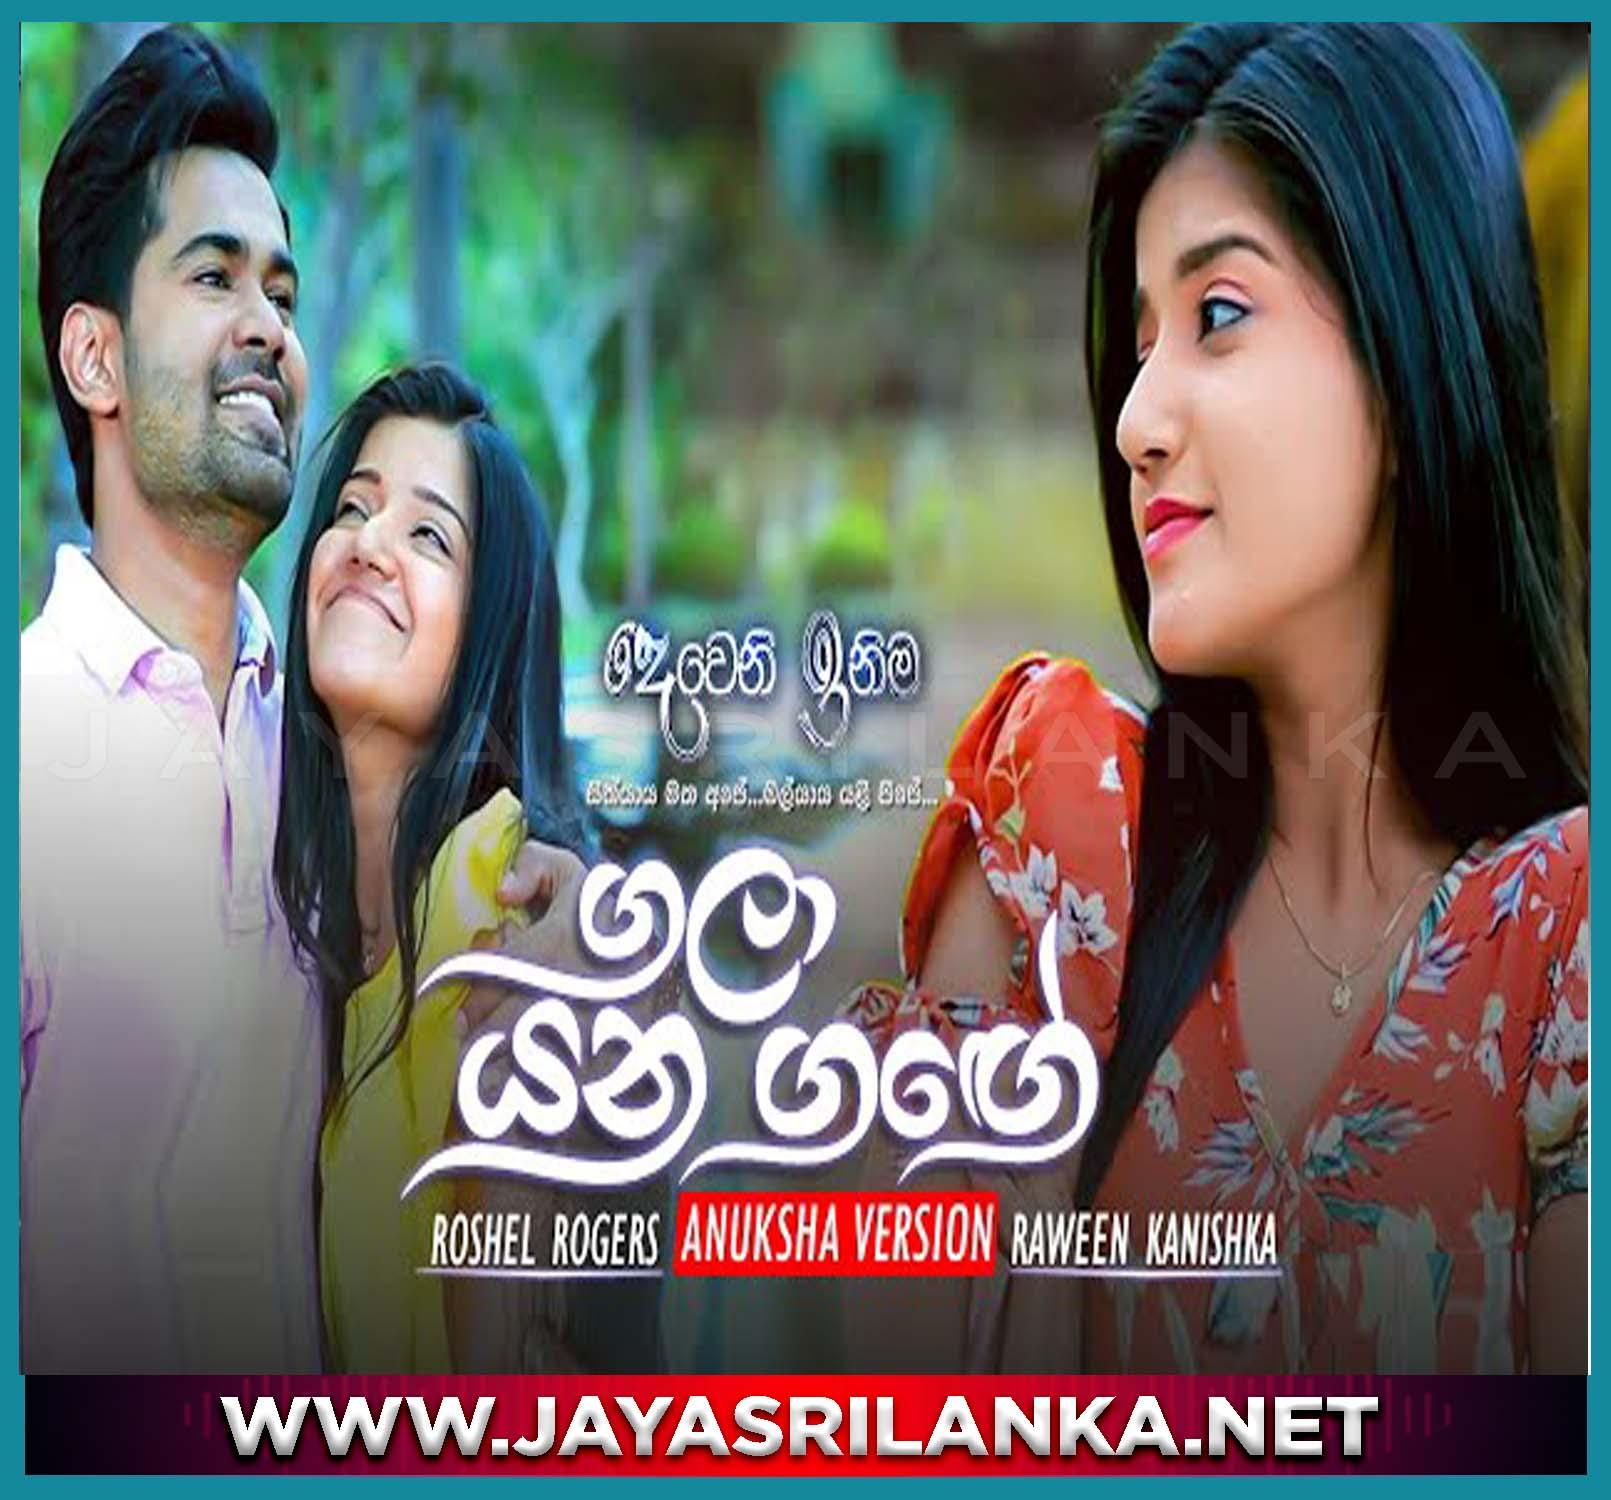 jayasrilanka ~ Gala Yana Gange ( Anuksha Fan Version) - Raween Kanishka